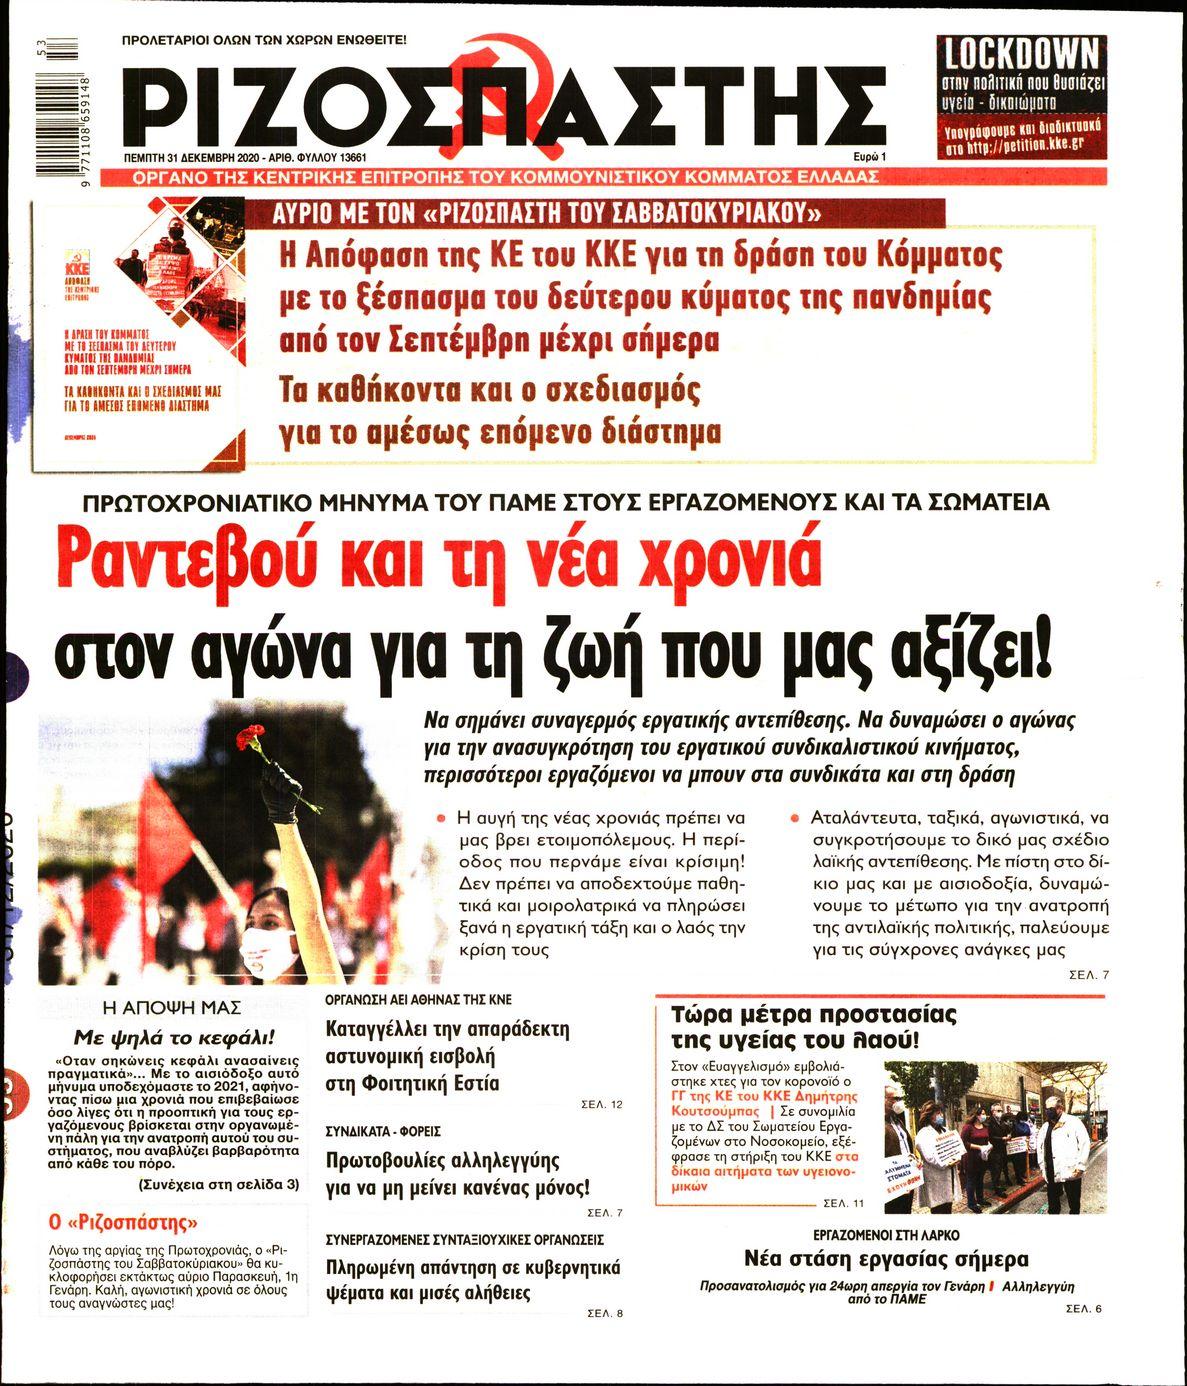 https://www.newsbeast.gr/files/1/newspapers/2020/12/31/27755563_26.jpg